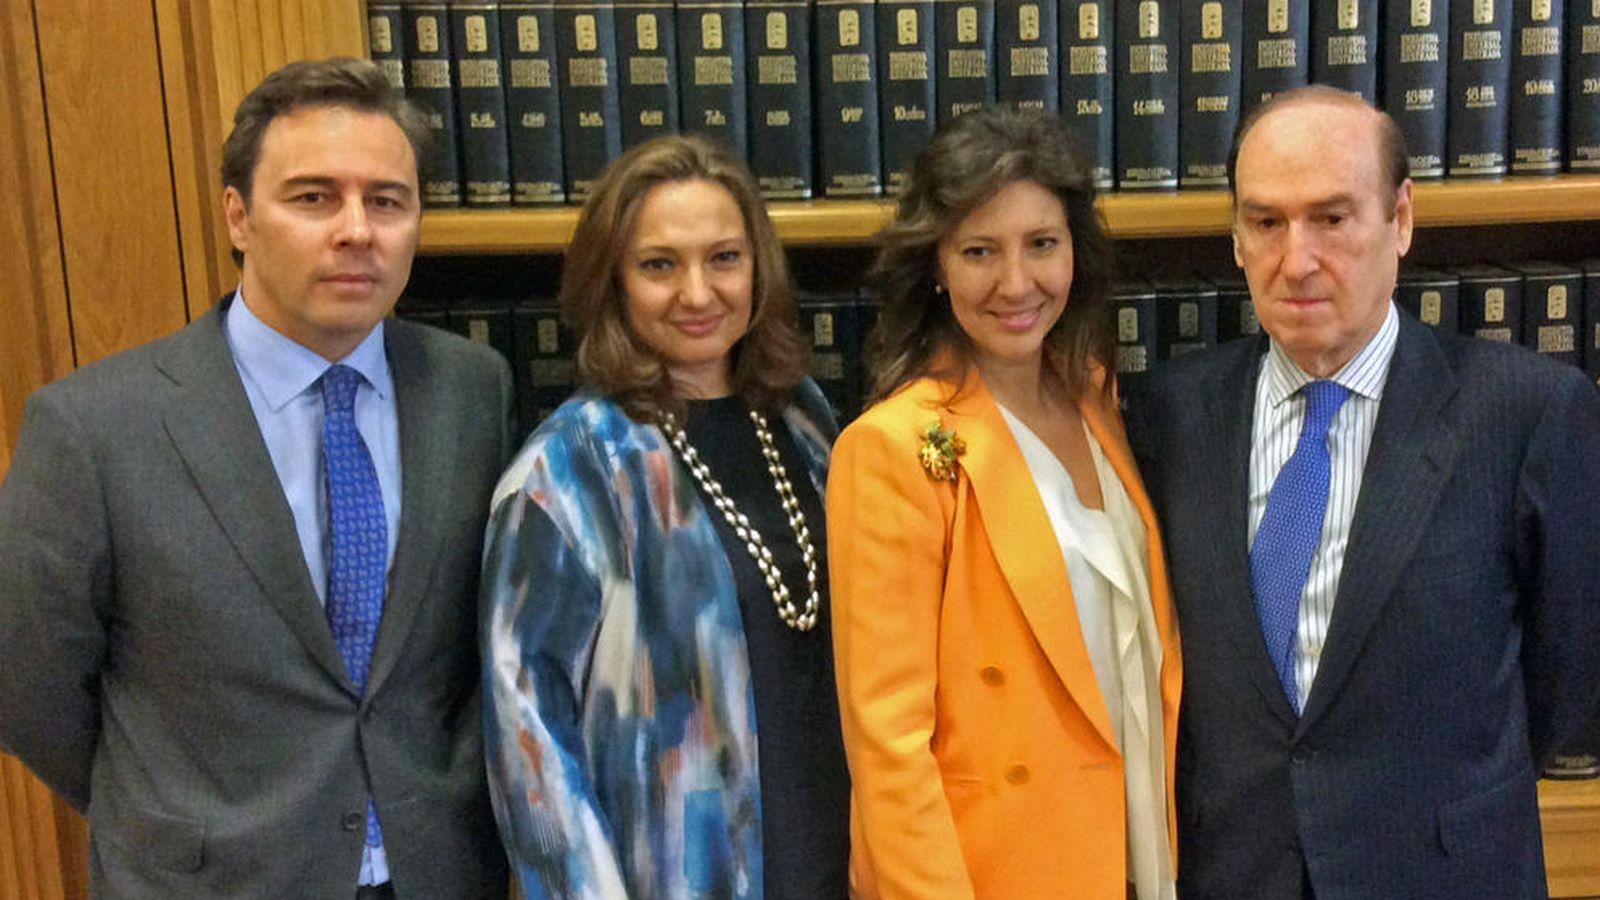 Foto: El presidente de El Corte Inglés, Dimas Gimeno, las hijas de Isidoro Álvarez, Marta (2i) y Cristina, y Florencio Lasaga. (Fundación Ramón Areces)